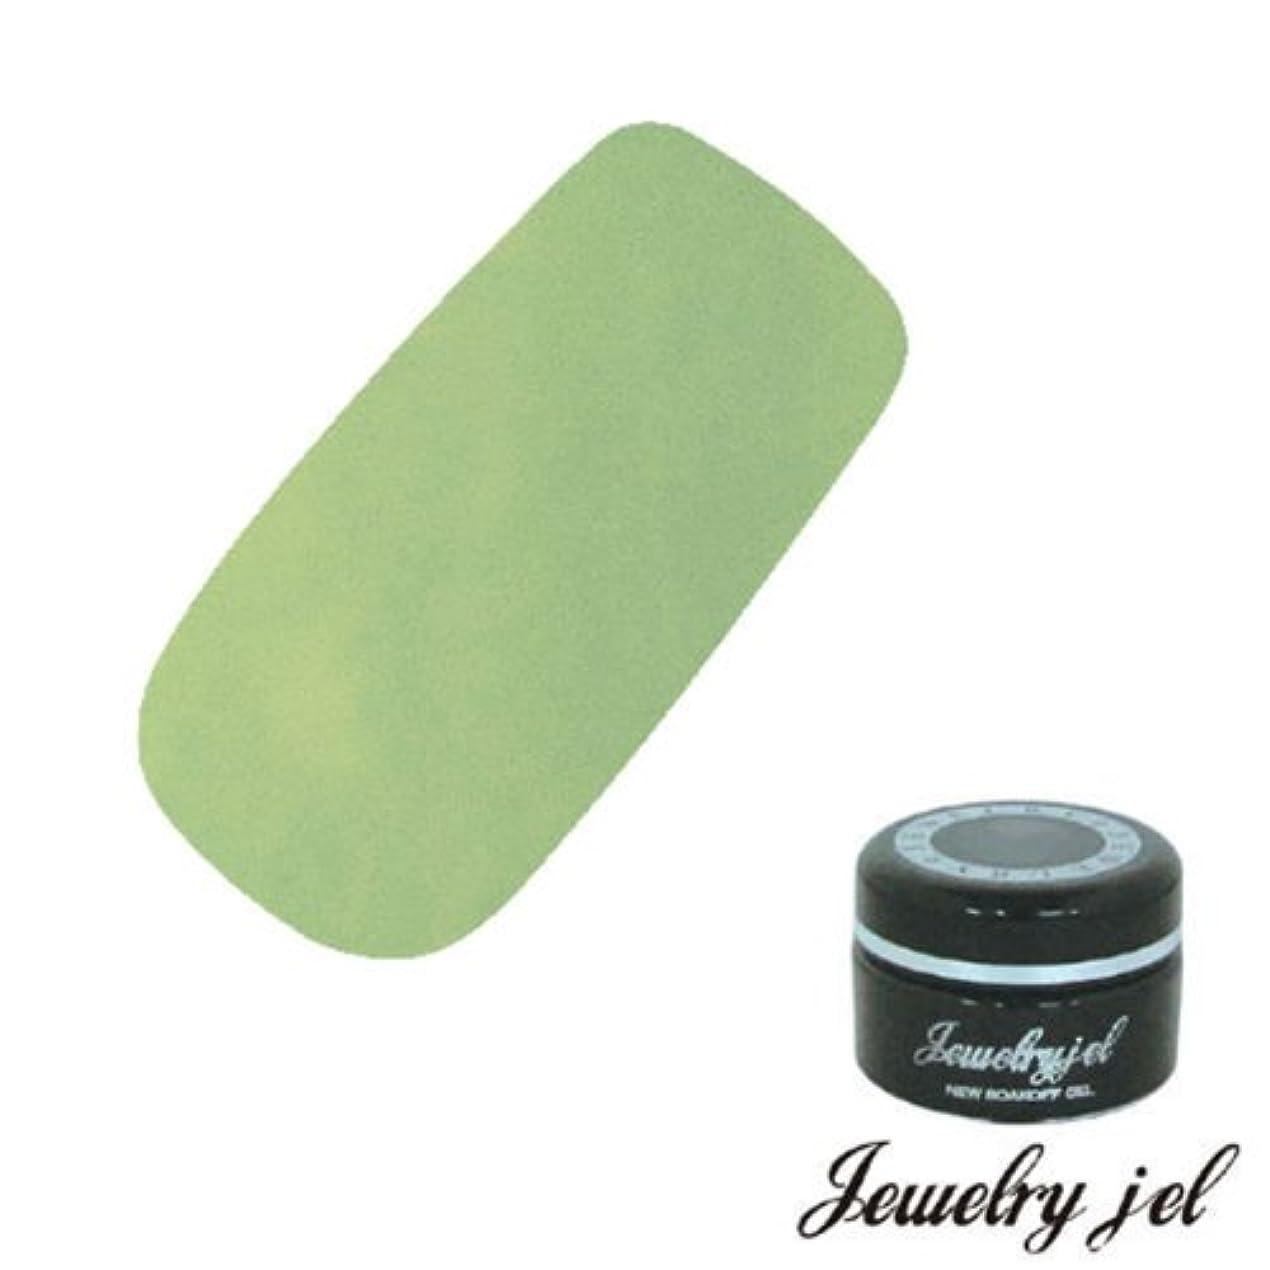 底アシスト実用的ジュエリージェル ジェルネイル カラージェル SG211 3.5g グリーン パール入り UV/LED対応  ソークオフジェル カクテルシャーベット